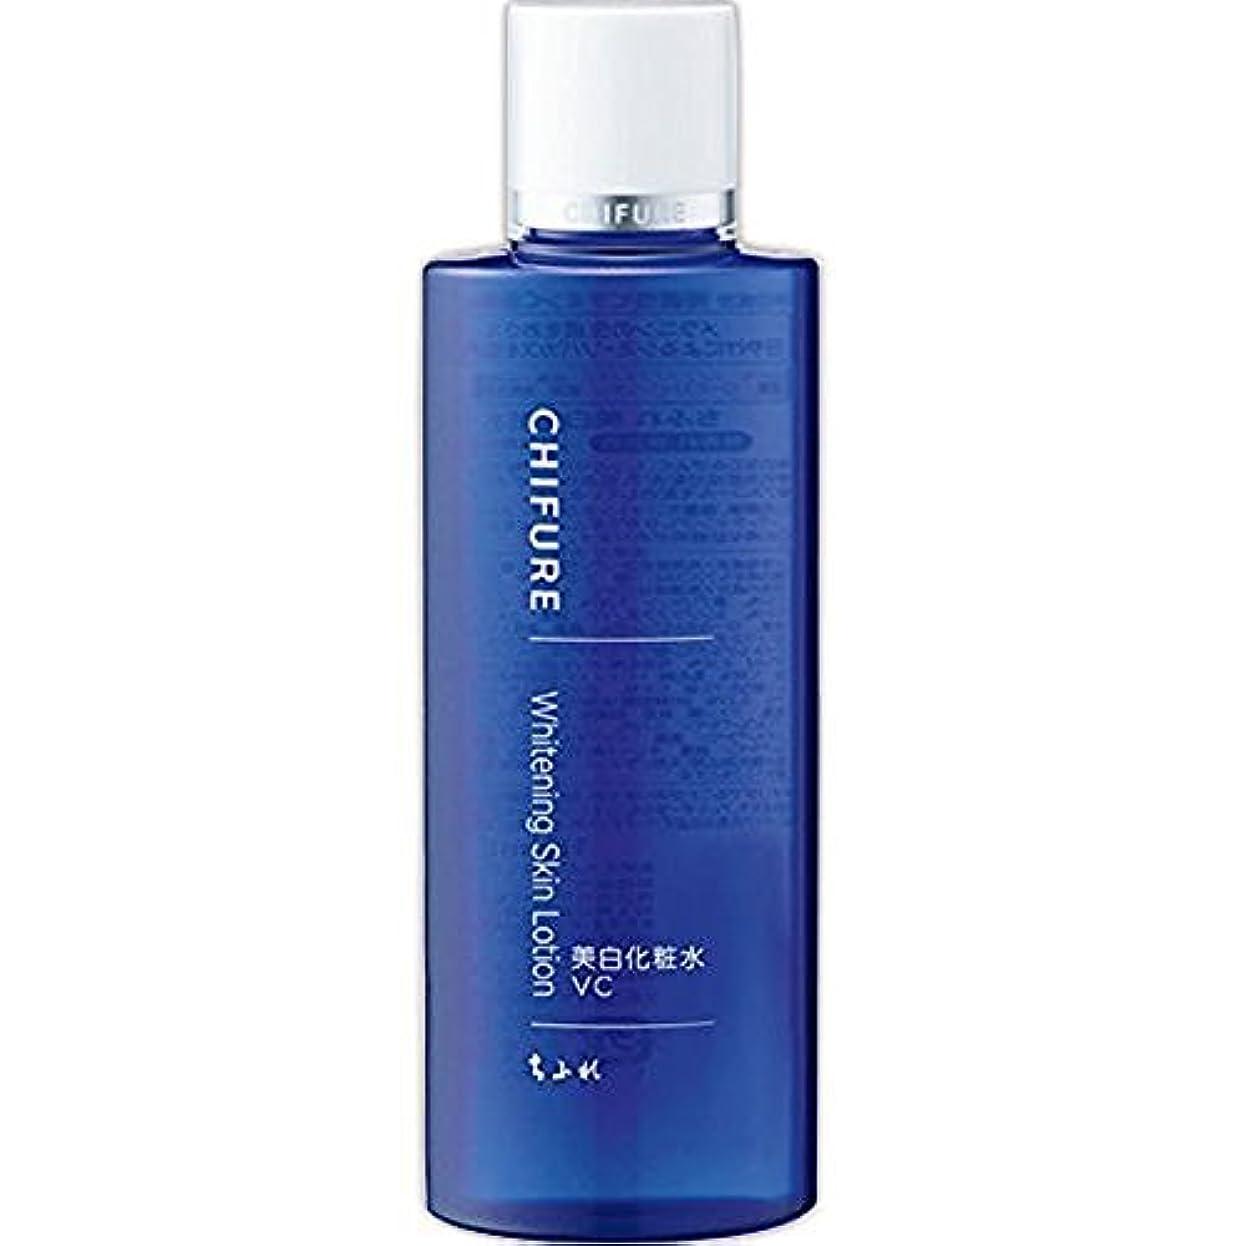 息切れ救援断線ちふれ化粧品 美白化粧水 VC 180ML (医薬部外品)